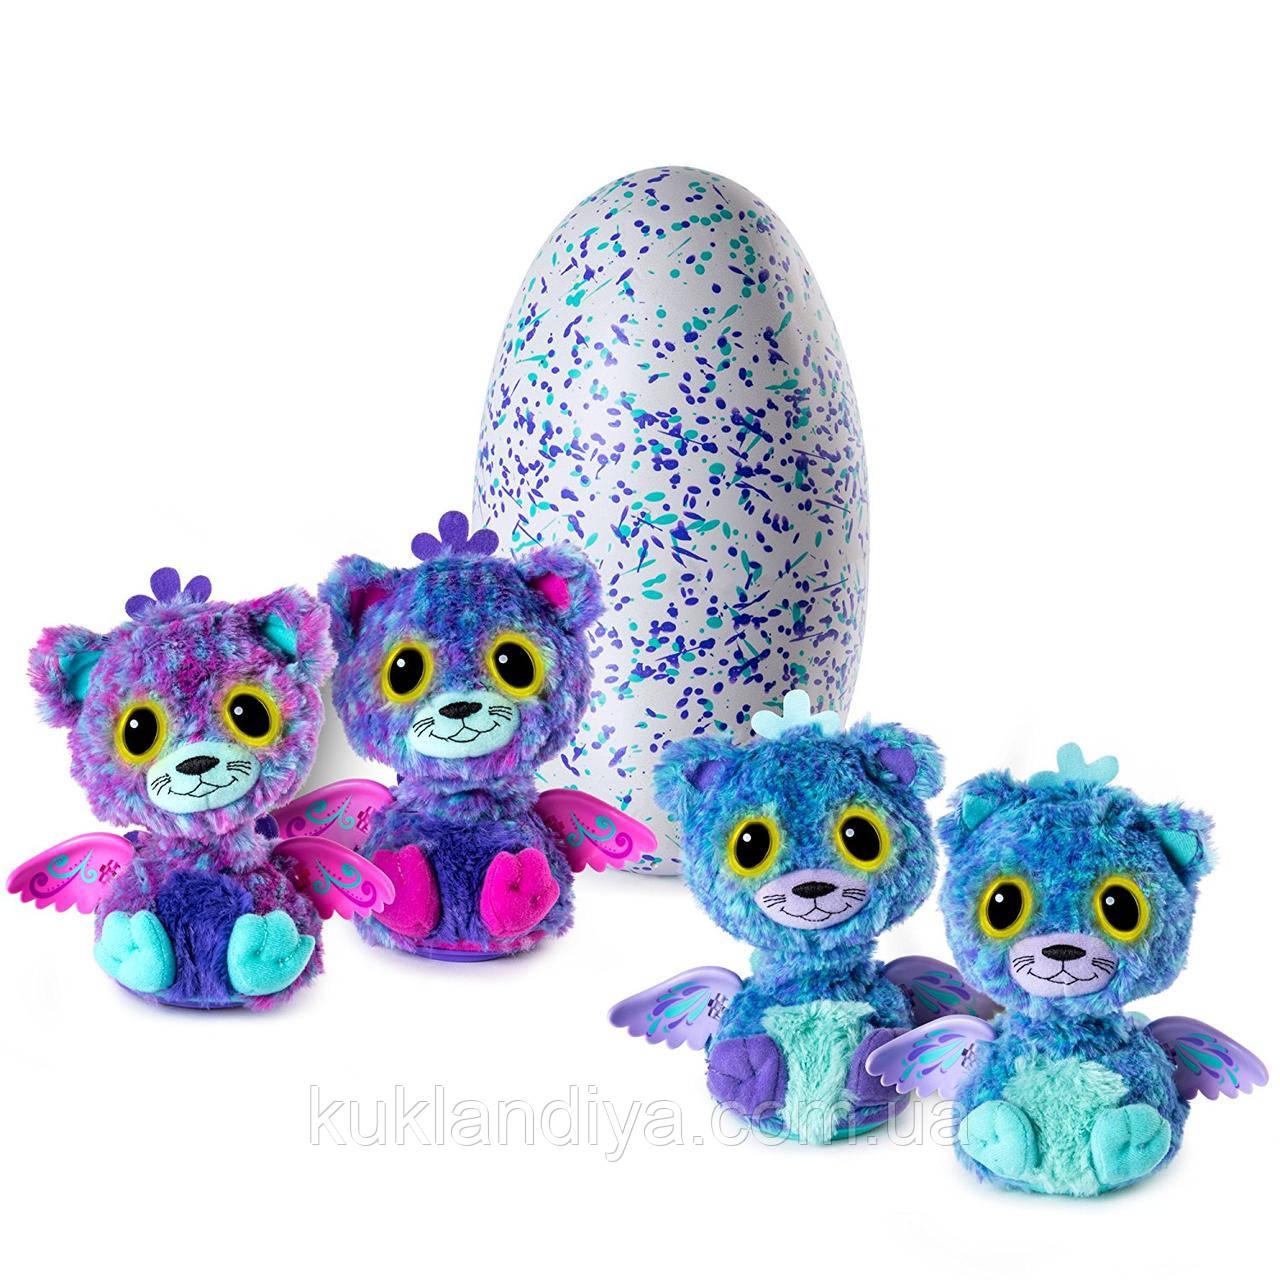 Интерактивная игрушка Hatchimals Spin Master - Двойной сюрприз в яйце близнецы котята